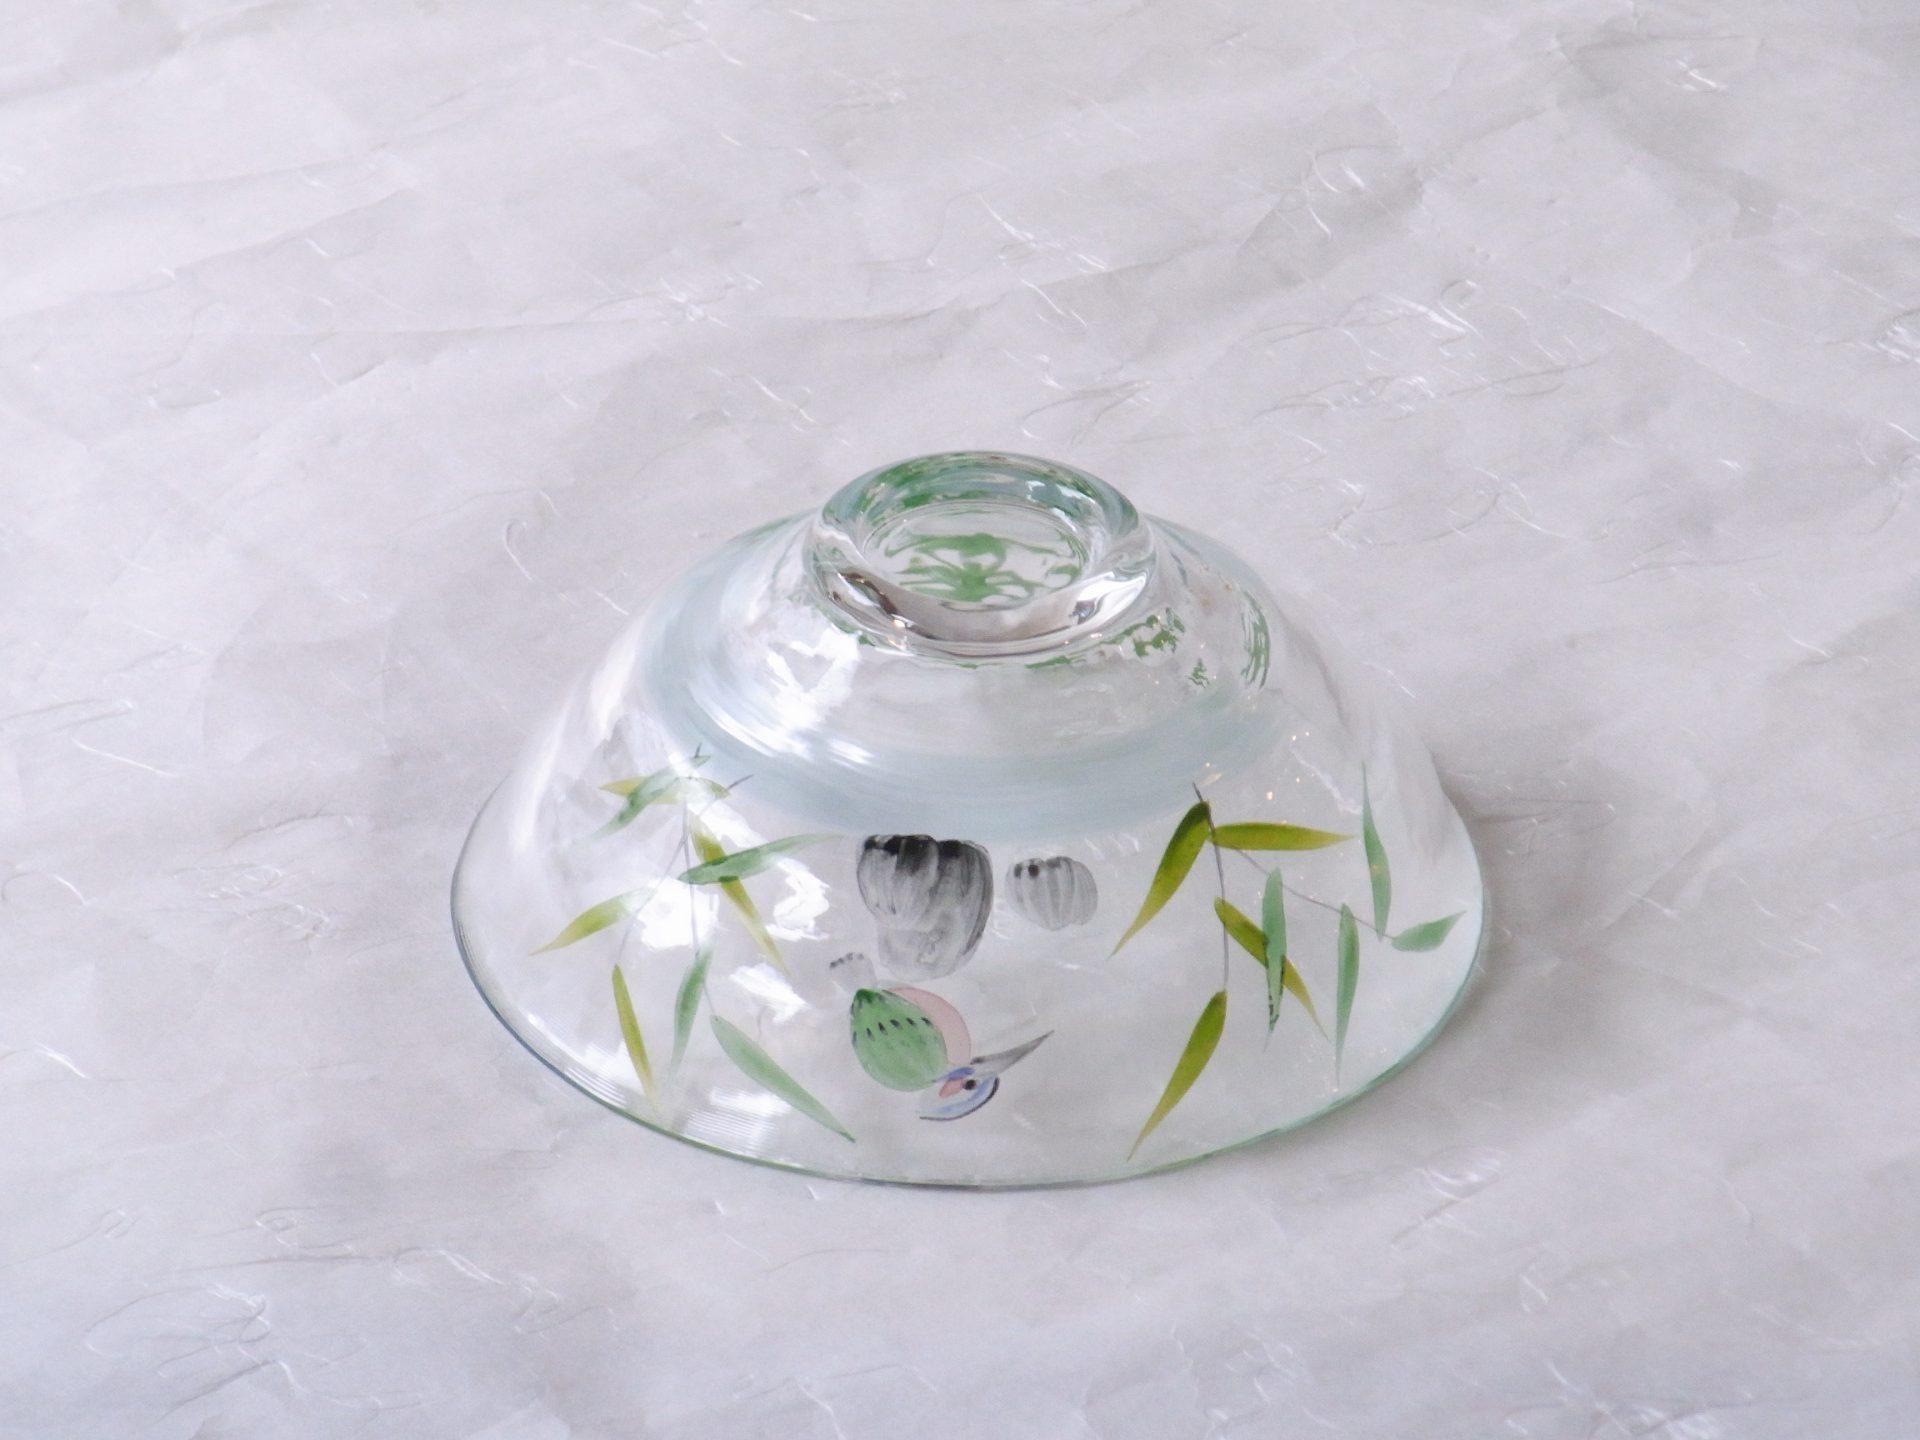 日本製 こてまり かわせみ 耐熱ガラス 抹茶碗 涼し気 川の上流 ほとり 青楓 あおかえで 笹のような 長い葉の植物 青々 水々しい 暑い夏にぴったり 透明感 うすいブルー 筋 流水 緑の葉 変化 口が開いて 背が低め 平茶碗と同じ形 外側から絵付け 内側から見られる 高台低め 安定 刺身鉢 デザート鉢 盛小鉢 季節の器 食材を引き立てる あっさりと 寂しくないよう 食材は抹茶を引き立てる 絵付け 日本製 陶器 磁器 陶磁器 漆器 茶道具 華道具 贈り物 ギフト 記念品 引出物 法要 お返し 専門店 リアル店舗 茶の湯 茶道 裏千家 表千家 茶会 月釜 抹茶 高品質 安らぎ いやし よりおいしく 安心 機能的 長持ち 人気 おすすめ 高機能 ネット通販 ネットショップ セレクトショップ 欲しい 購入 買う 買い物 岐阜県 岐阜市 美殿町 小林漆陶 特別な 選び抜かれた 品質重視 使いやすい 格安 老舗 誕生日 結婚 出産 入学 退職 母の日 父の日 敬老の日 クリスマス プレゼント 叙勲 長寿 新築 お祝い 御礼 内祝い 外国土産 海外みやげ 実店舗 創業100年以上 使うと分かる 職人技 日本一の品揃え 日本一の在庫数 専門店 専門知識 数万点の在庫 百貨店(高島屋 三越 伊勢丹 松坂屋 大丸)にない 手作り お洒落 高級品 希少価値 上質な器 伝統工芸品 コスパ お値打ち お買い得 堅牢 飽きない 永く使える お気に入り 国産 料理が映える 満足感 豊かな食生活 豊かな食文化 こだわりの器 日本文化 他にない ここにしかない オリジナル 独自の 個性的 ここでしか買えない 超レアもの 一品もの 現品限り 入手困難 いい器 匠の技 美しい 実用的 外人が喜ぶ店 外人が珍しがる店 外人がうれしい店 日本各地の一級品を売る店 日本全国の器を売る店 本当にいいもの コスパ高い 一流品 修理 選りすぐりの逸品 周年記念 永年勤続表彰 退職記念 卒業記念 日本土産 岐阜土産 岐阜のおみやげ 岐阜の特産品 料理を引き立てる器 高級店 一流店 岐阜で一番 東海で一番 中部で一番 日本で一番 おしゃれな店 地域一番店 実店舗 陶磁器 磁器 華道具 ガラス器 明治42年創業 有田焼 清水焼 美濃焼 赤津焼 万古焼 常滑焼 九谷焼 唐津焼 萩焼 信楽焼 万古焼 砥部焼 備前焼 丹波焼 山中塗 春慶塗 讃岐塗 越前塗 輪島塗 紀州塗 会津塗 小田原木工 桜皮細工 秋田杉 駿河竹細工 七宝焼 南部鉄器 錫製品 江戸切子 津軽びいどろ